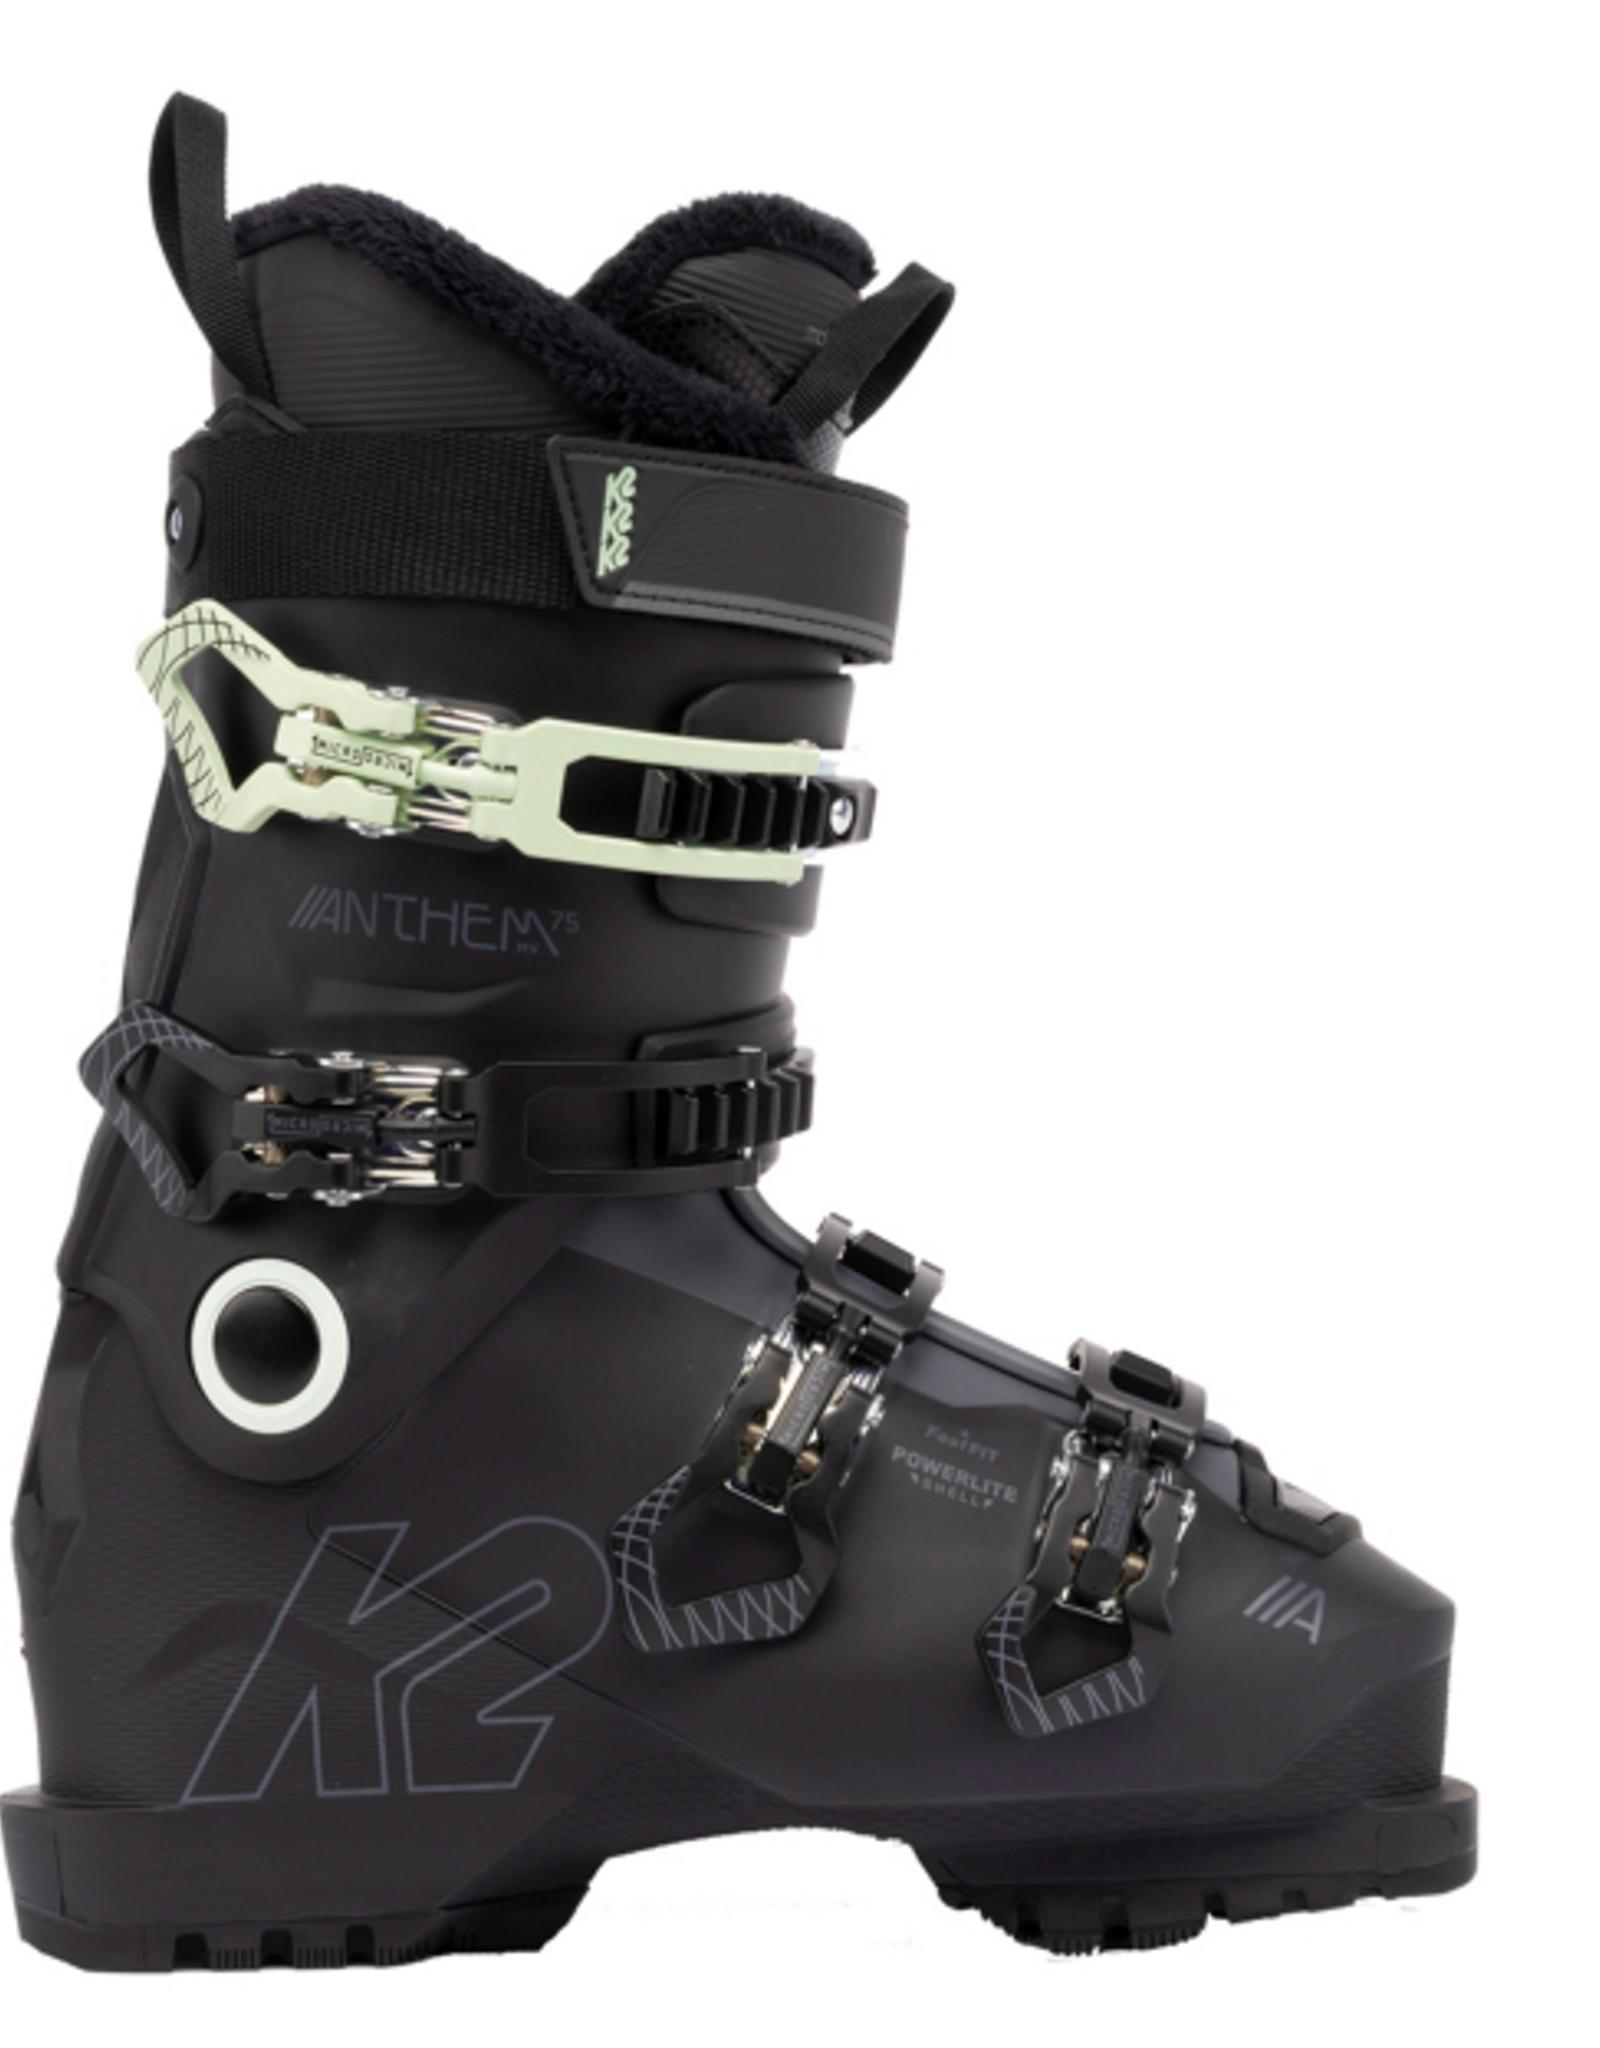 K2 Women's Anthem 75 MV Ski Boots 2022